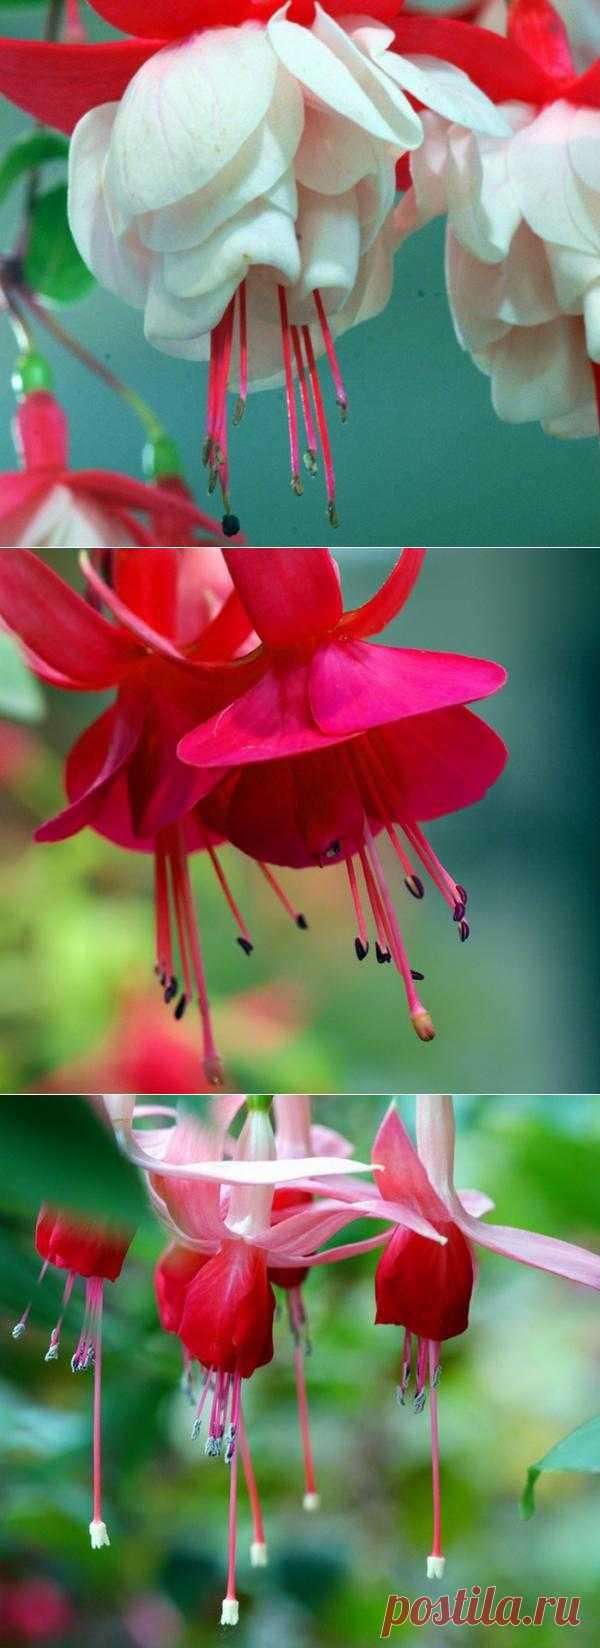 Фуксия - удивительный танцующий цветок